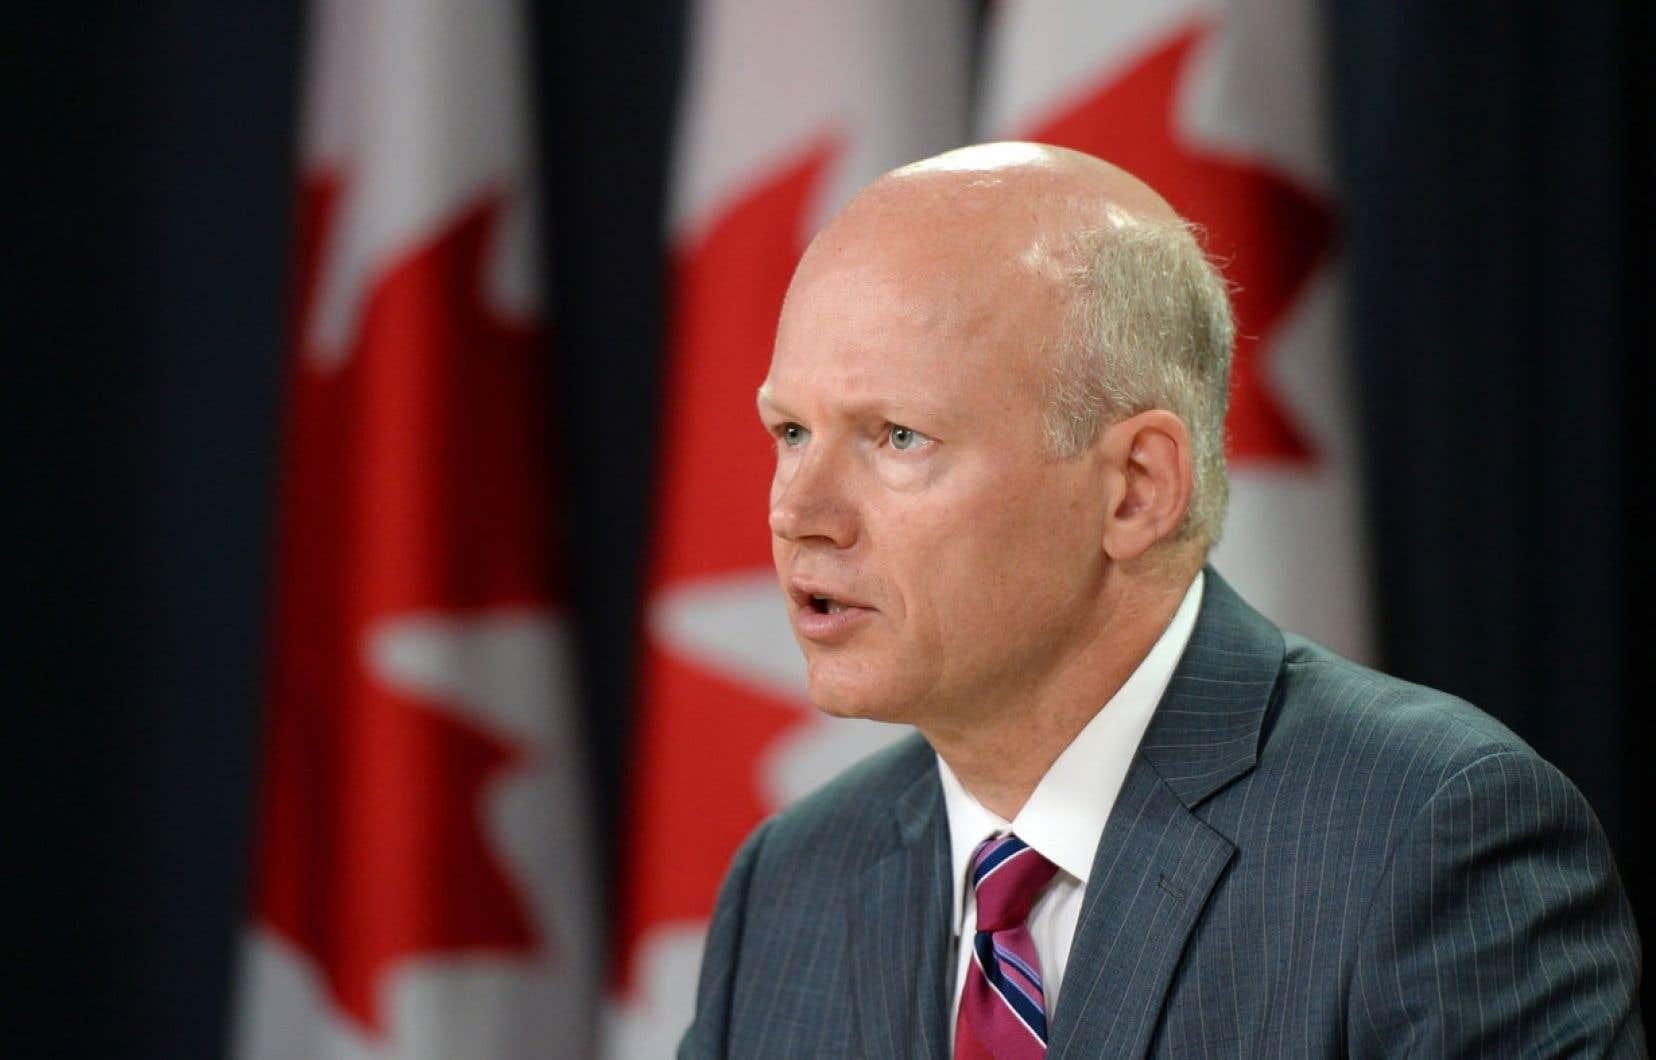 Les poursuites criminelles contre le sénateur suspendu Mike Duffy peuvent durer des années, a averti le député libéral Geoff Regan (notre photo) en point de presse mercredi à Ottawa.